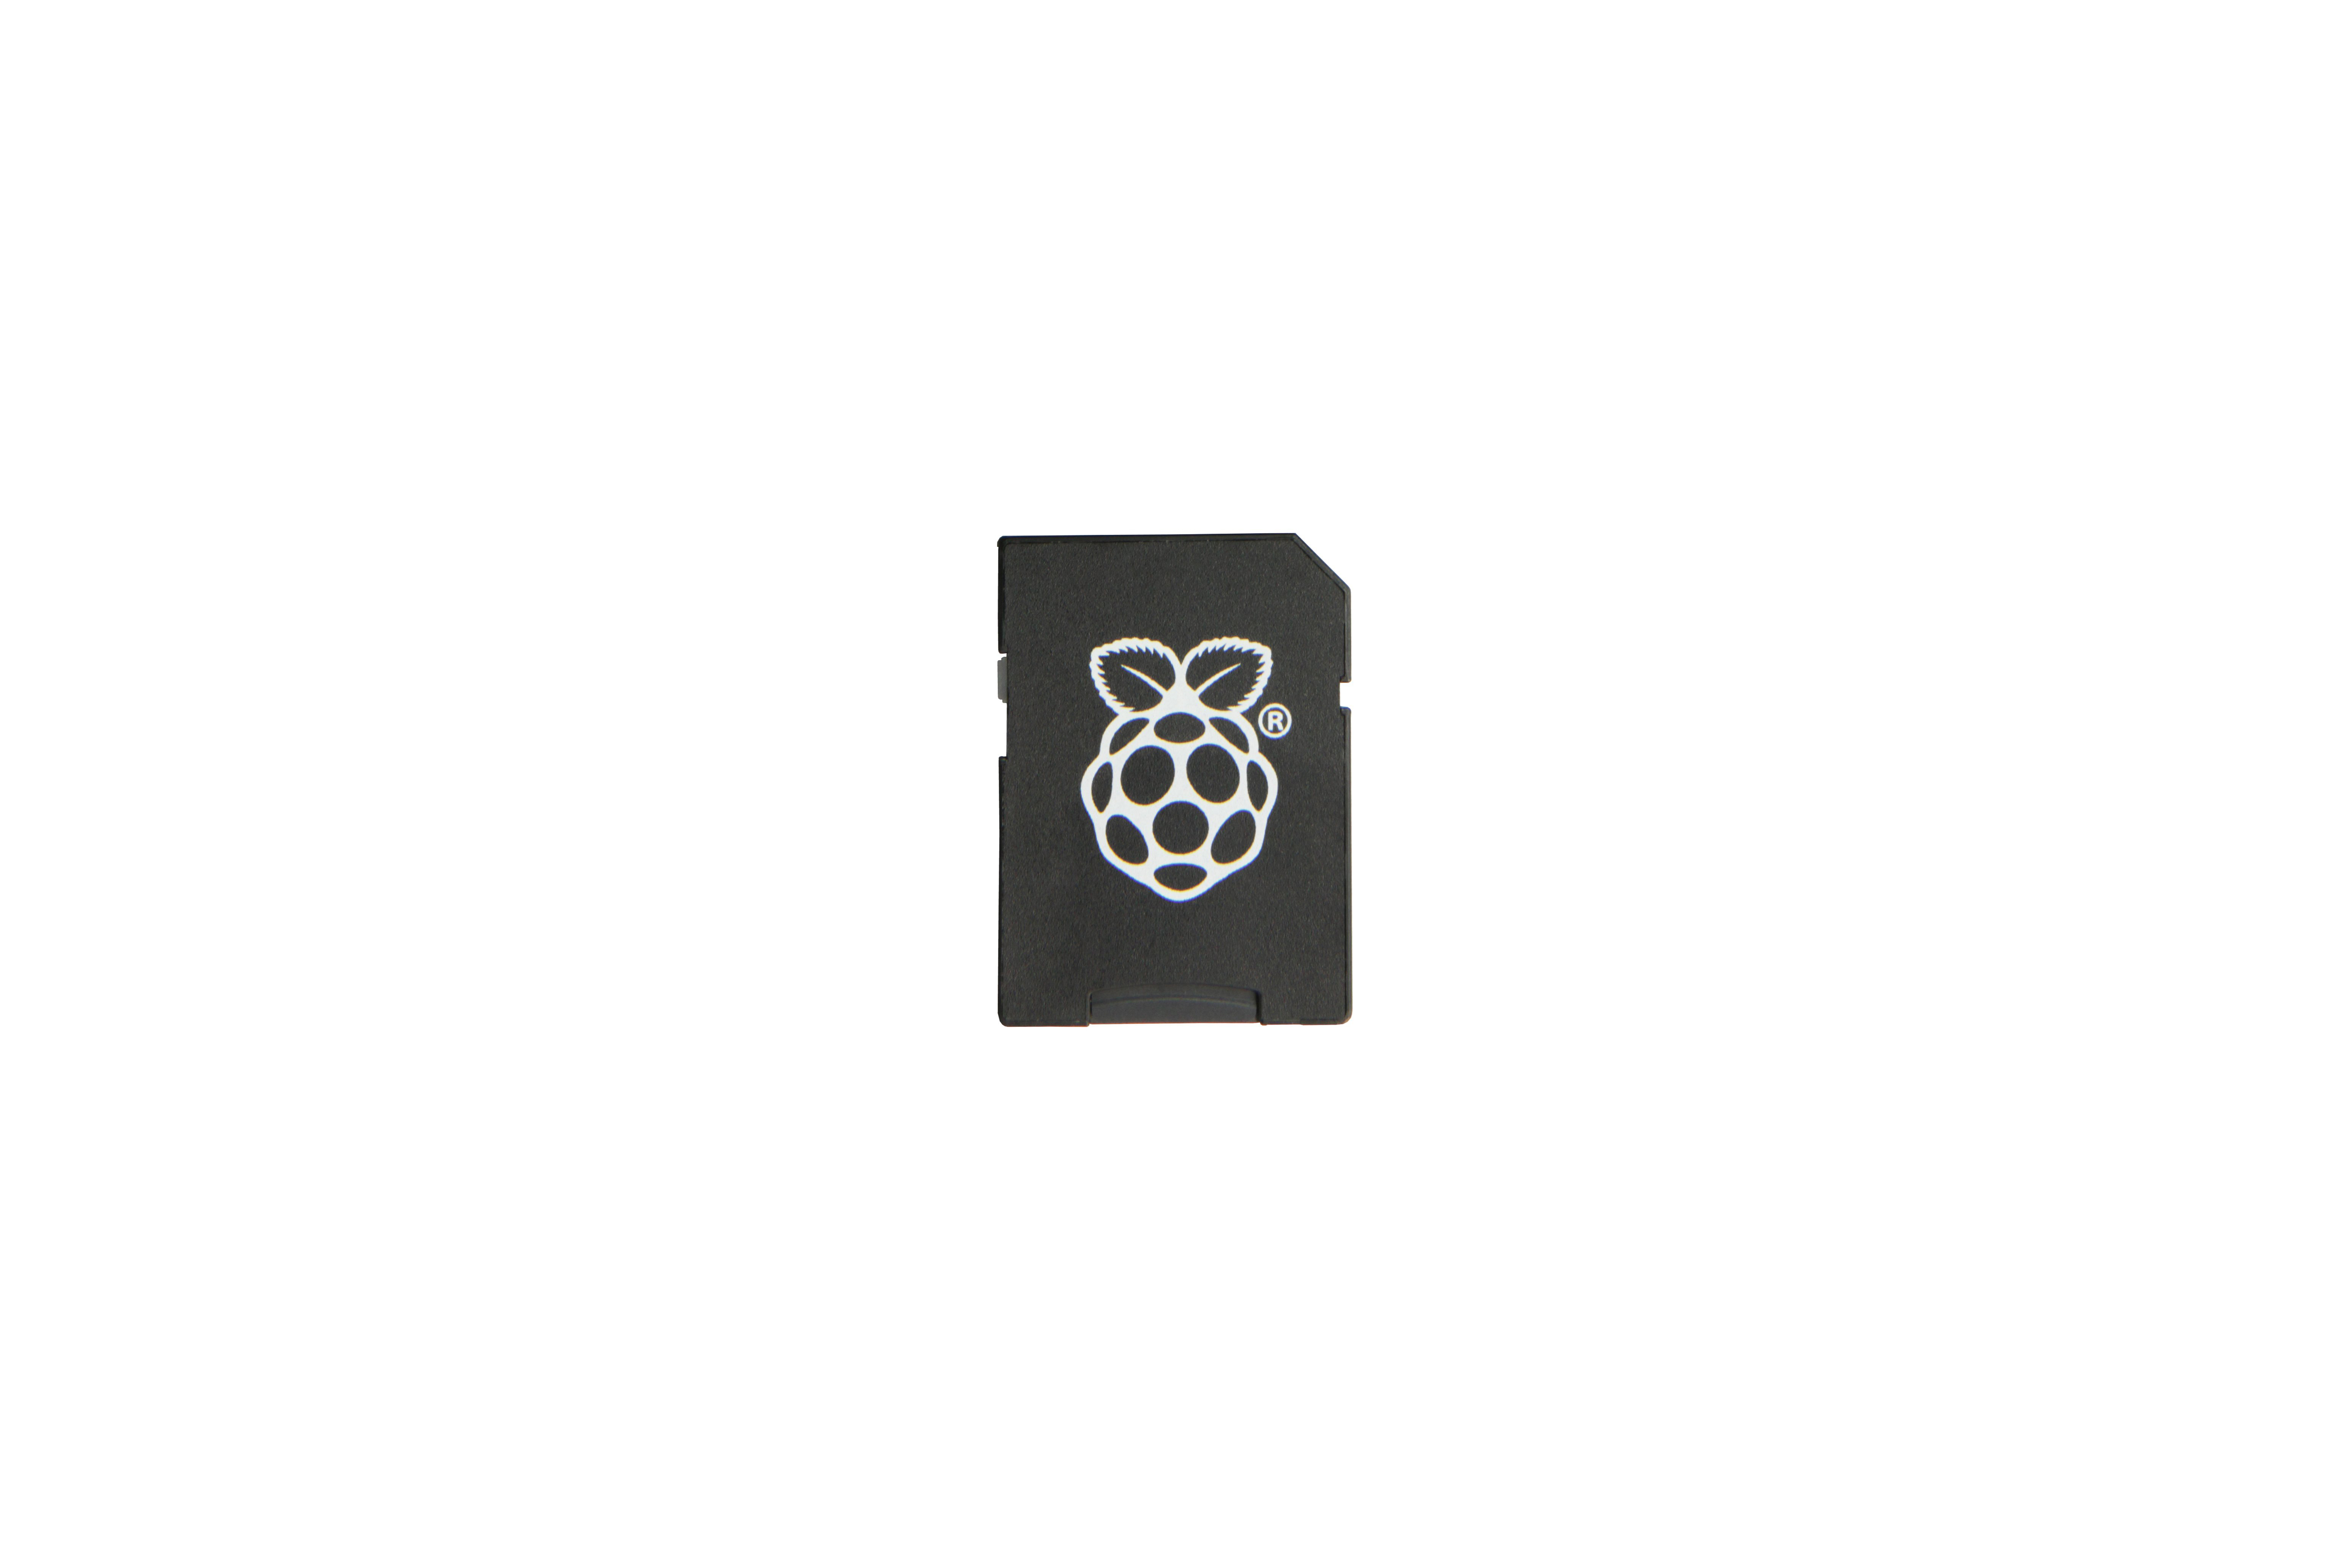 SD-Karte mit vorinstalliertem NOOBS - 32 GB